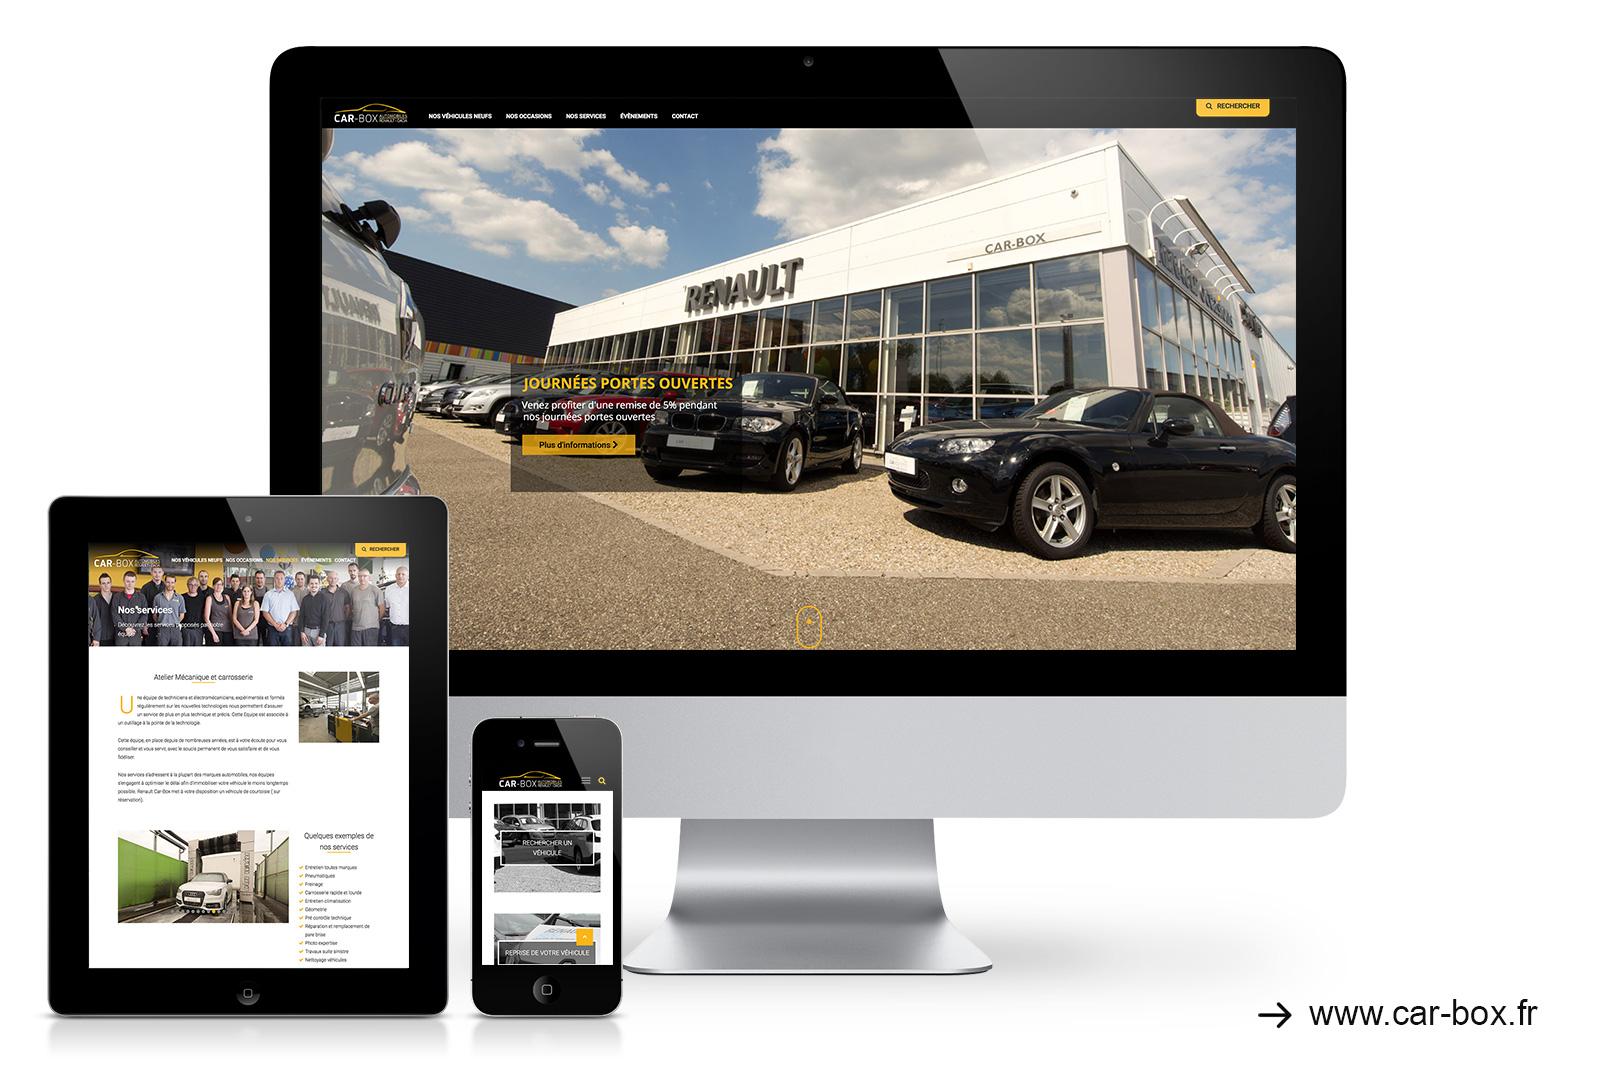 CARBOX_WEB_ecran_ipad_iphone